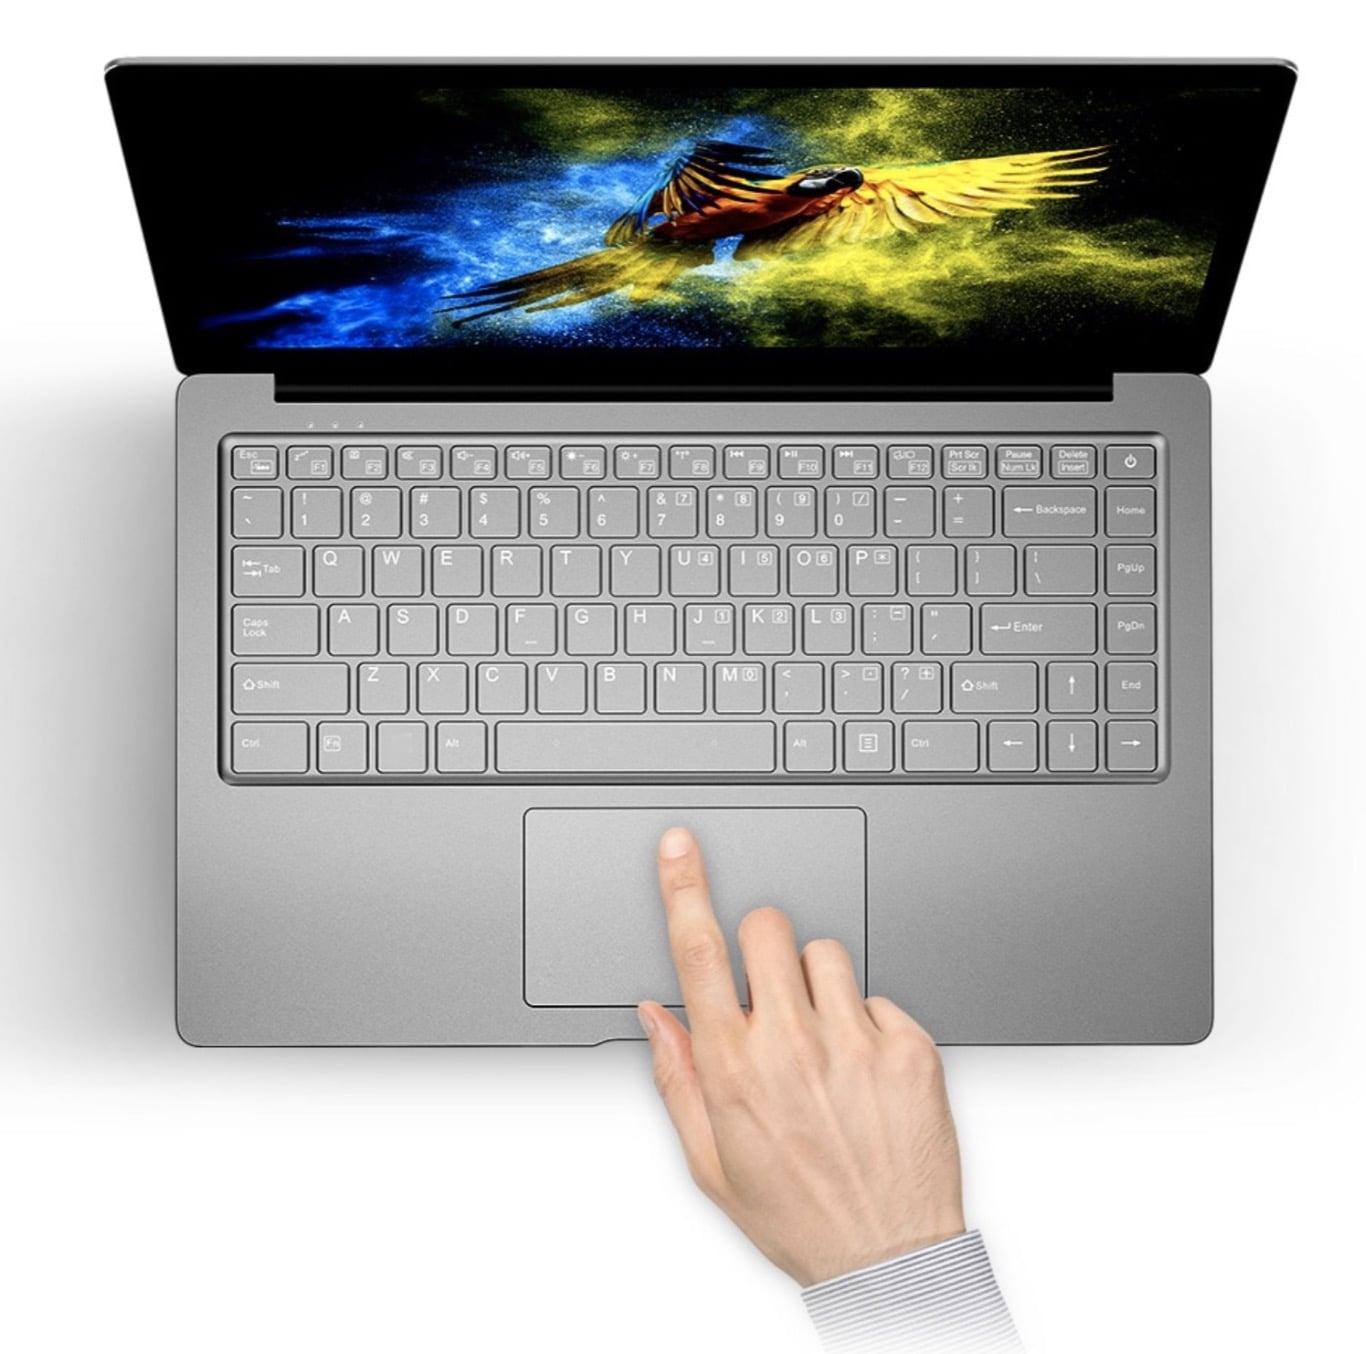 Przegląd ofert chińskich sklepów #20 - laptopy